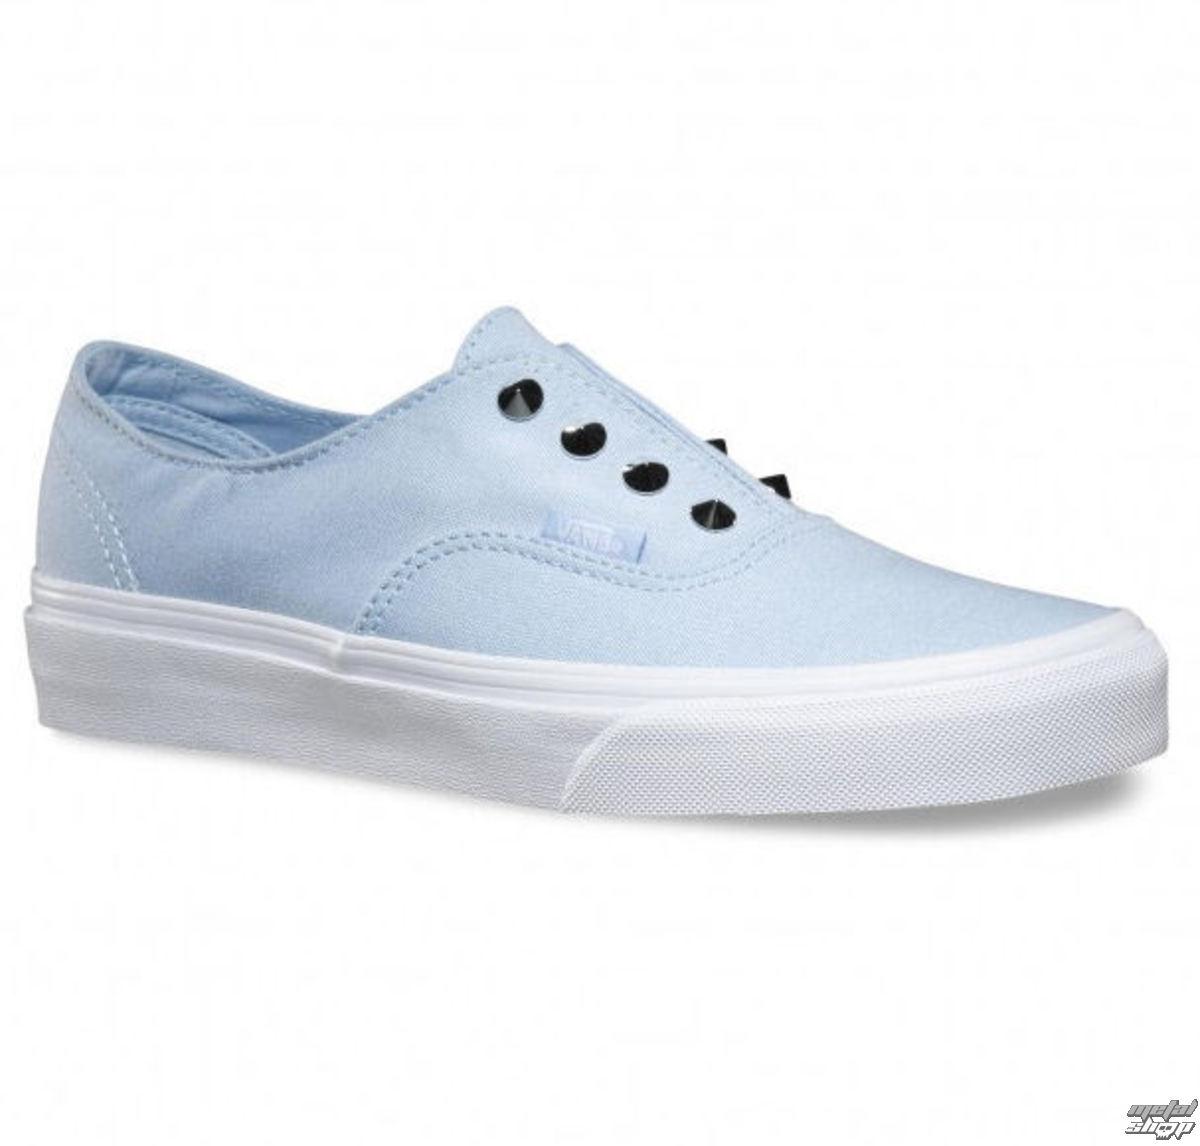 topánky dámske VANS - Authentic Gore (Studs) - Skywa - VZSKIV8